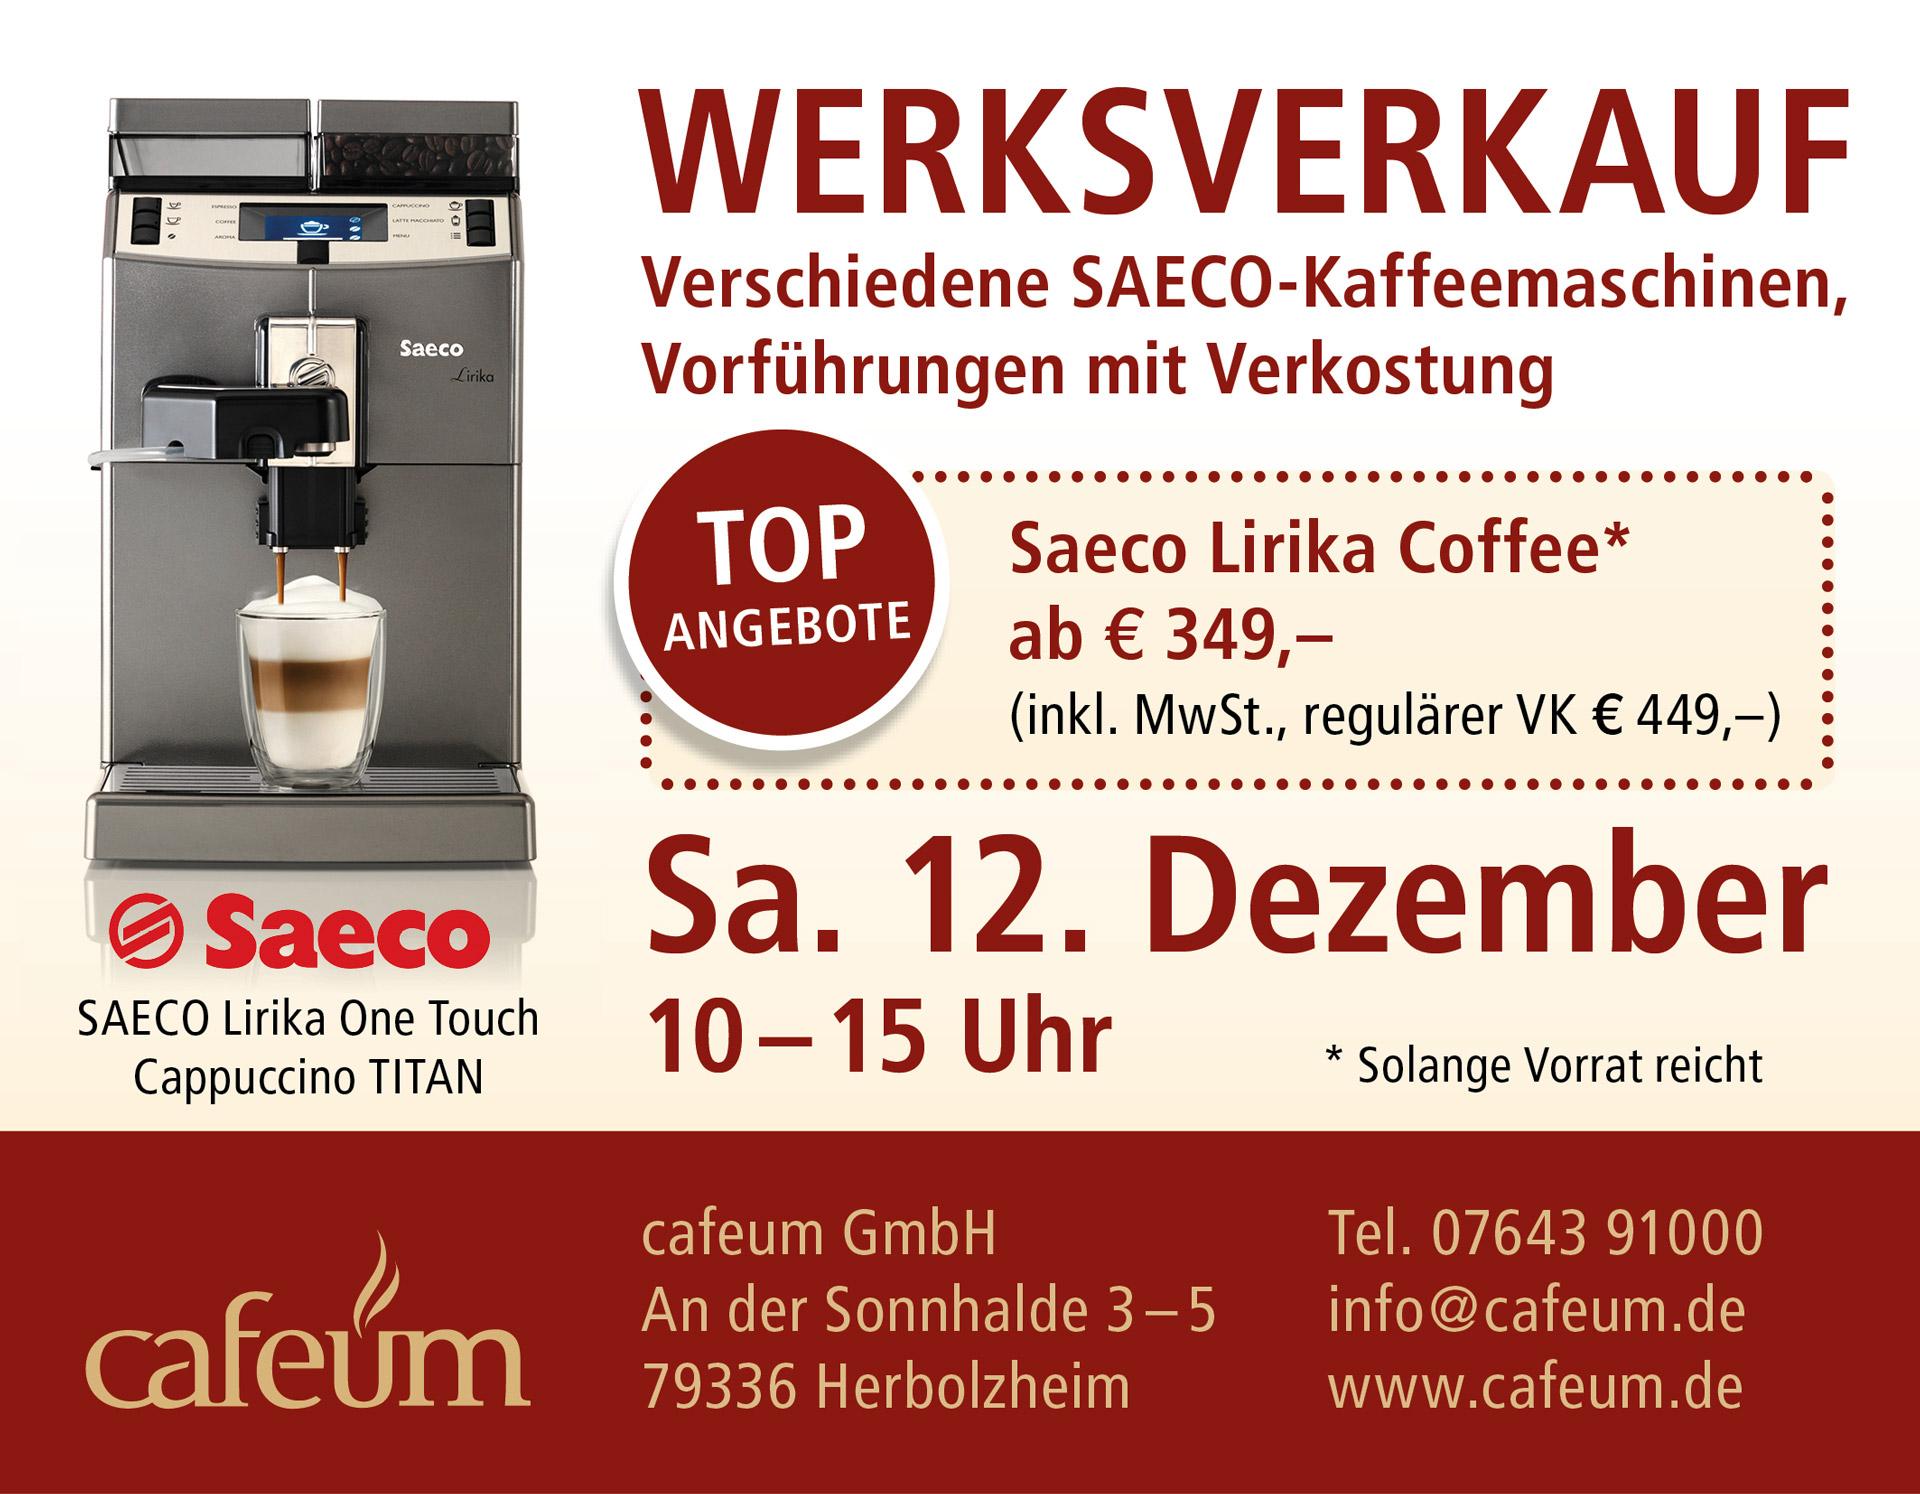 Werksverkauf bei Cafeum GmbH in Herbolzheim, BW